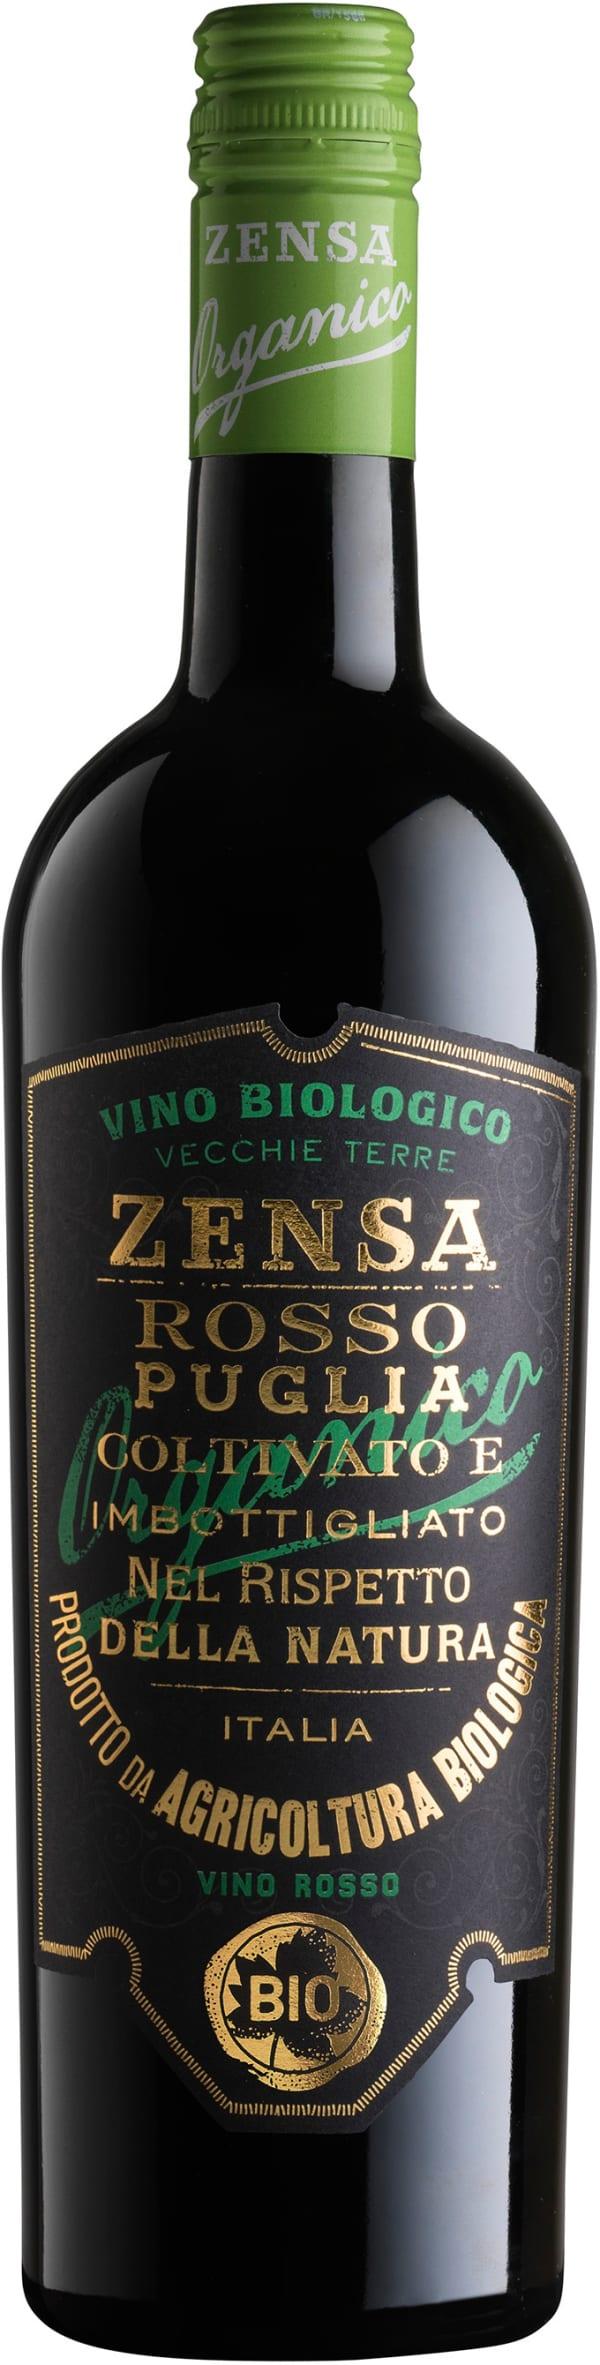 Zensa Rosso Organico 2019